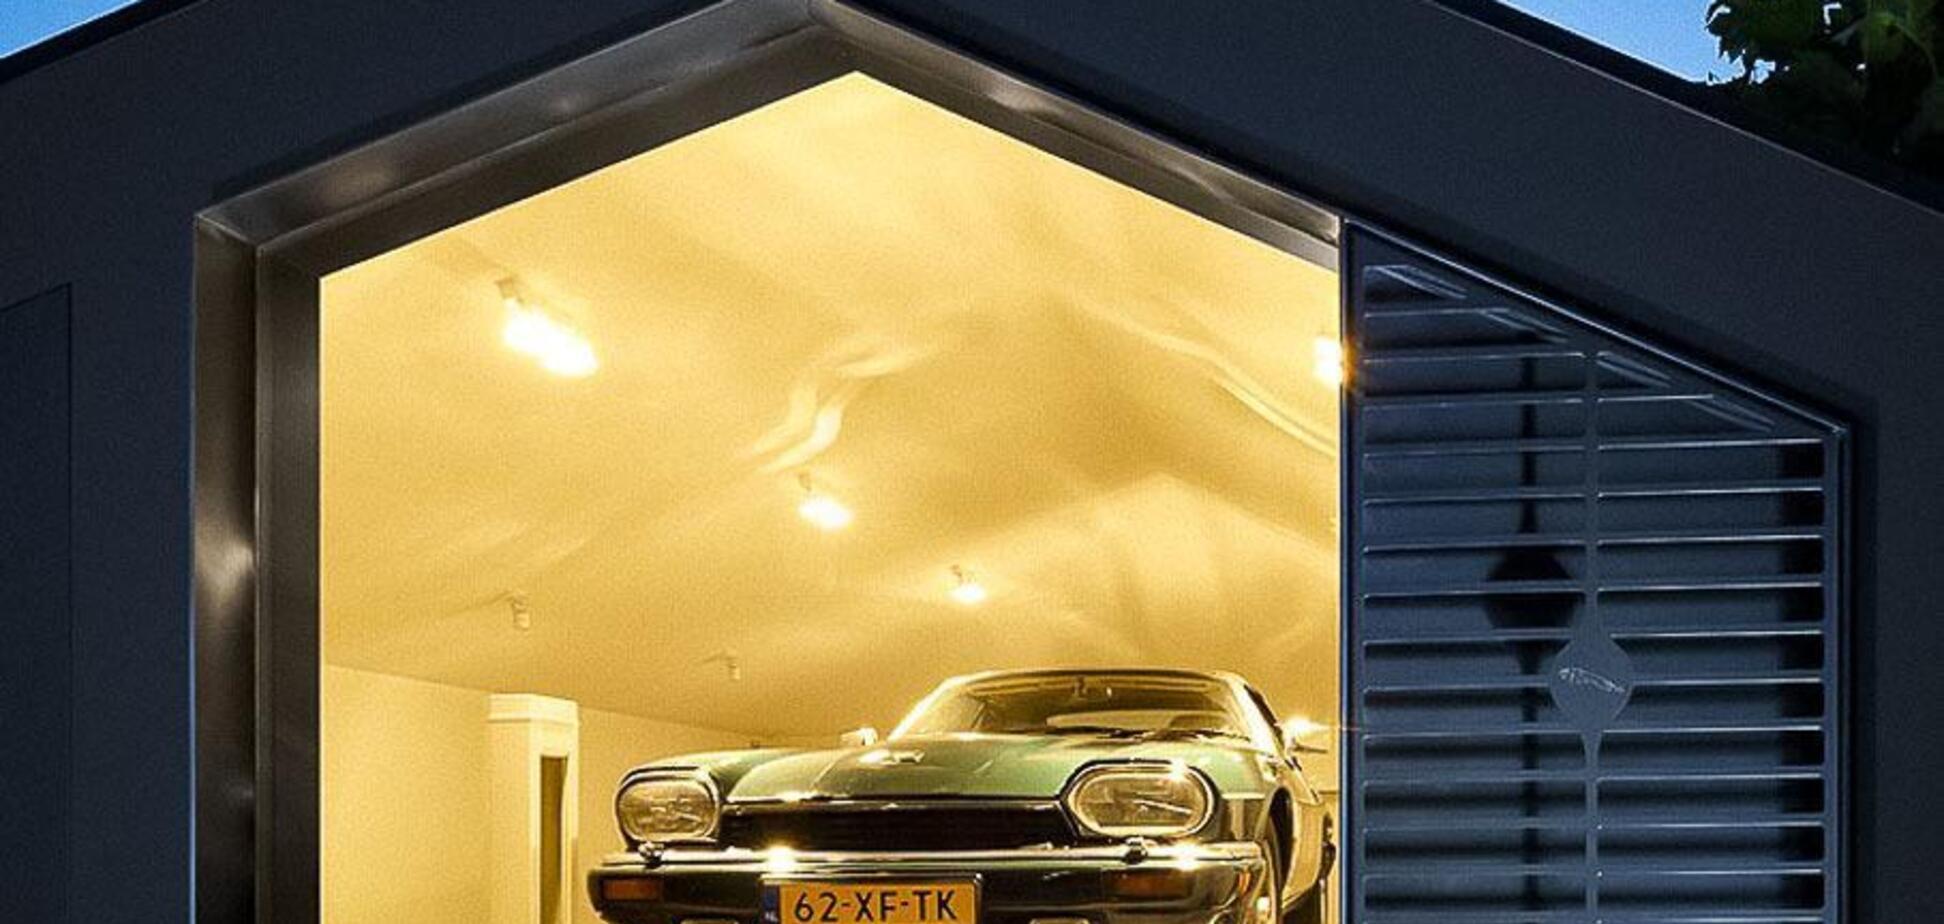 Сімейна пара побудувала унікальний гараж для своїх авто